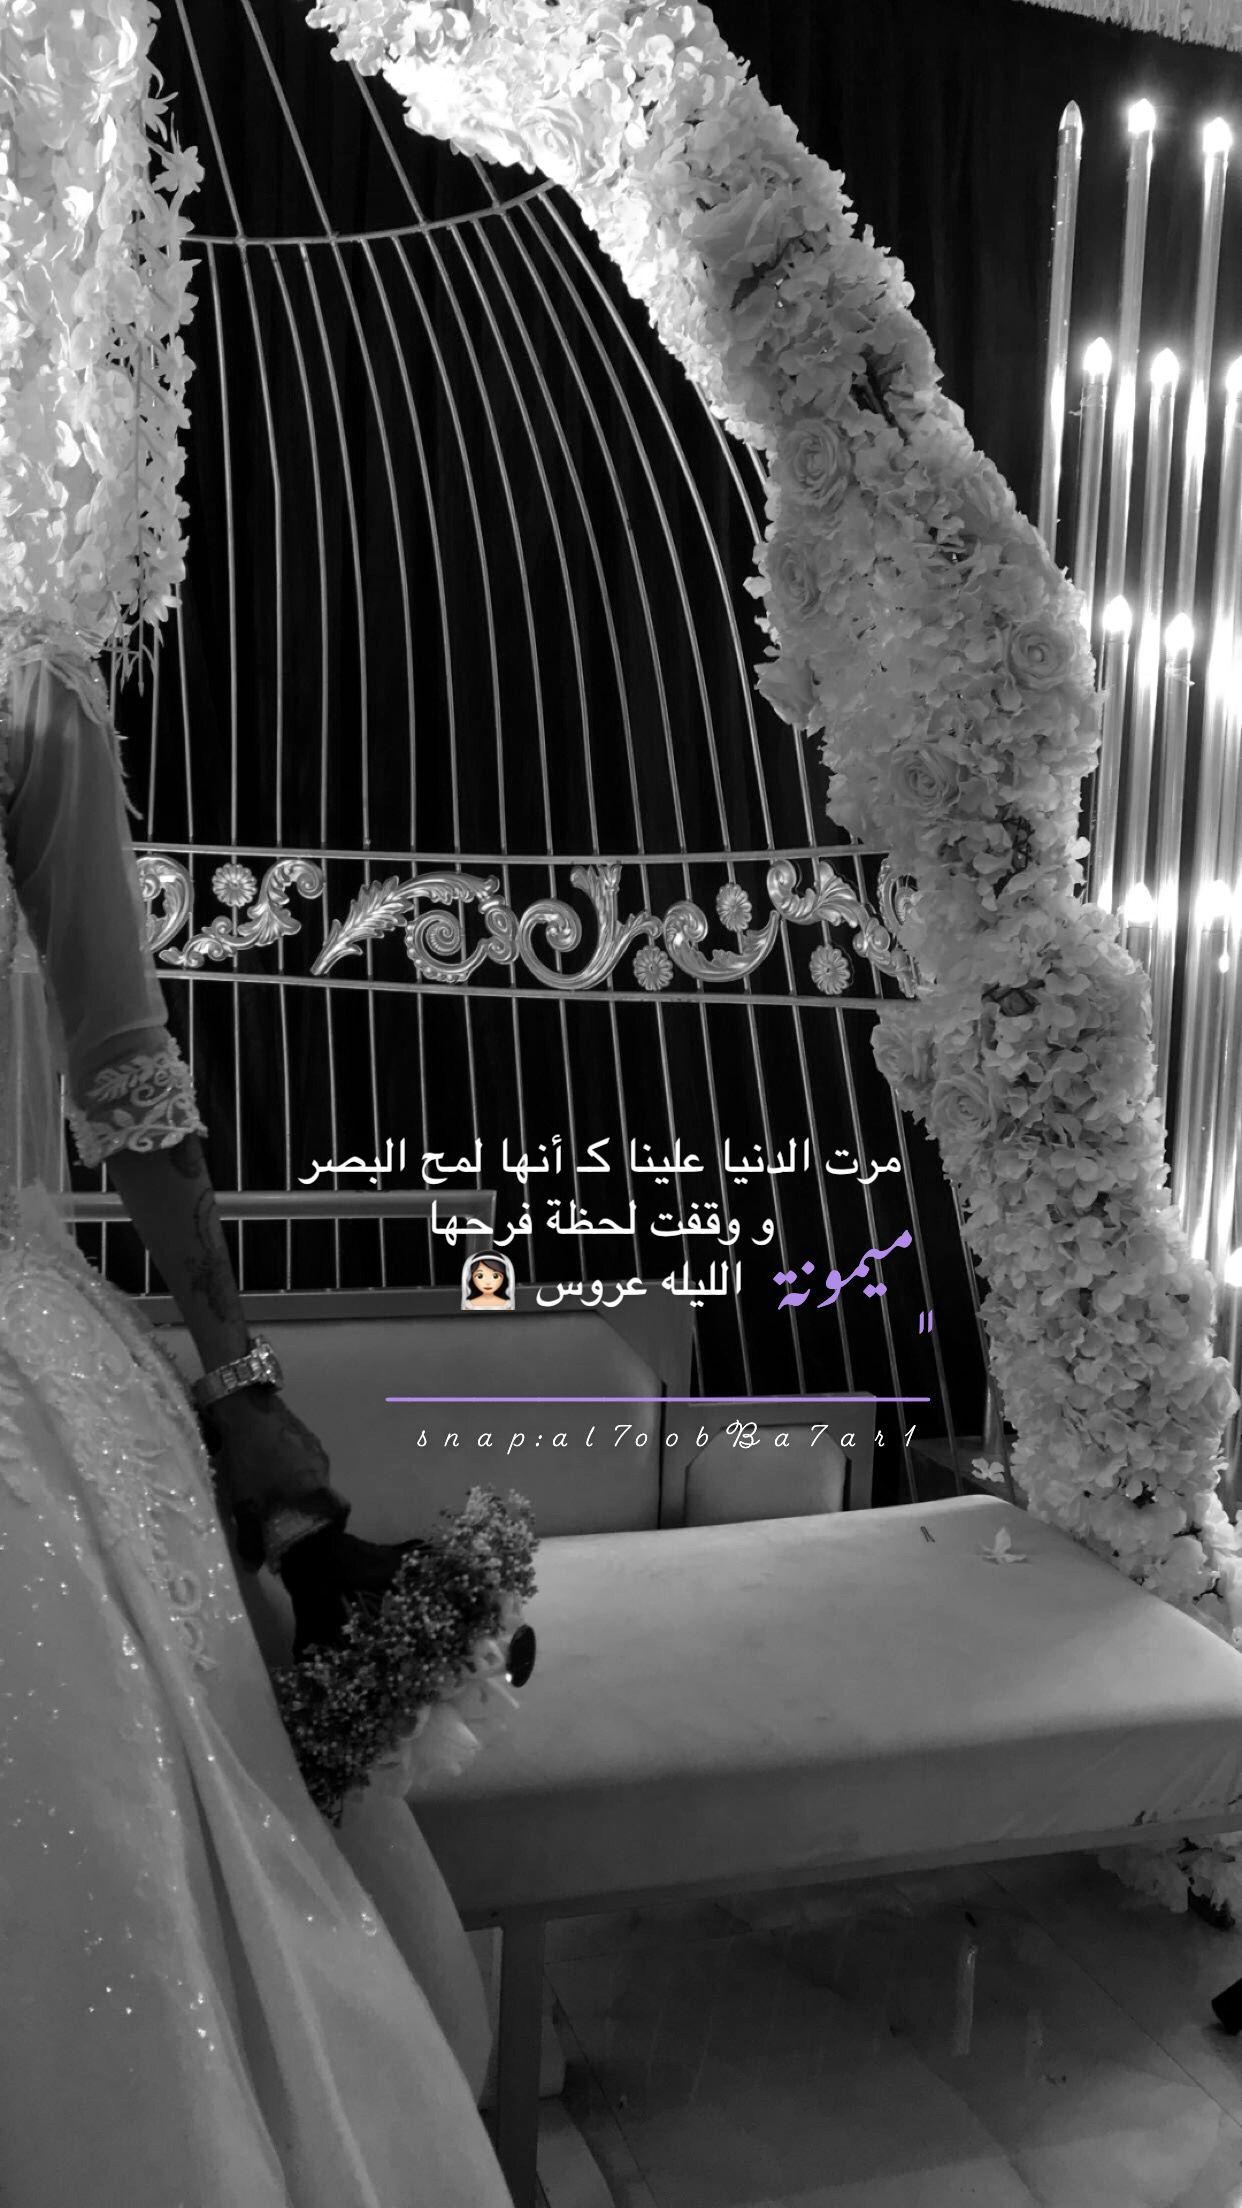 همسة مرت الدنيا علينا كـ أنها لمح البصر و وقفت لحظة فرحها ميمونة الليله عروس تصويري تصويري سناب تص Bride Quotes Arab Wedding Friends Quotes